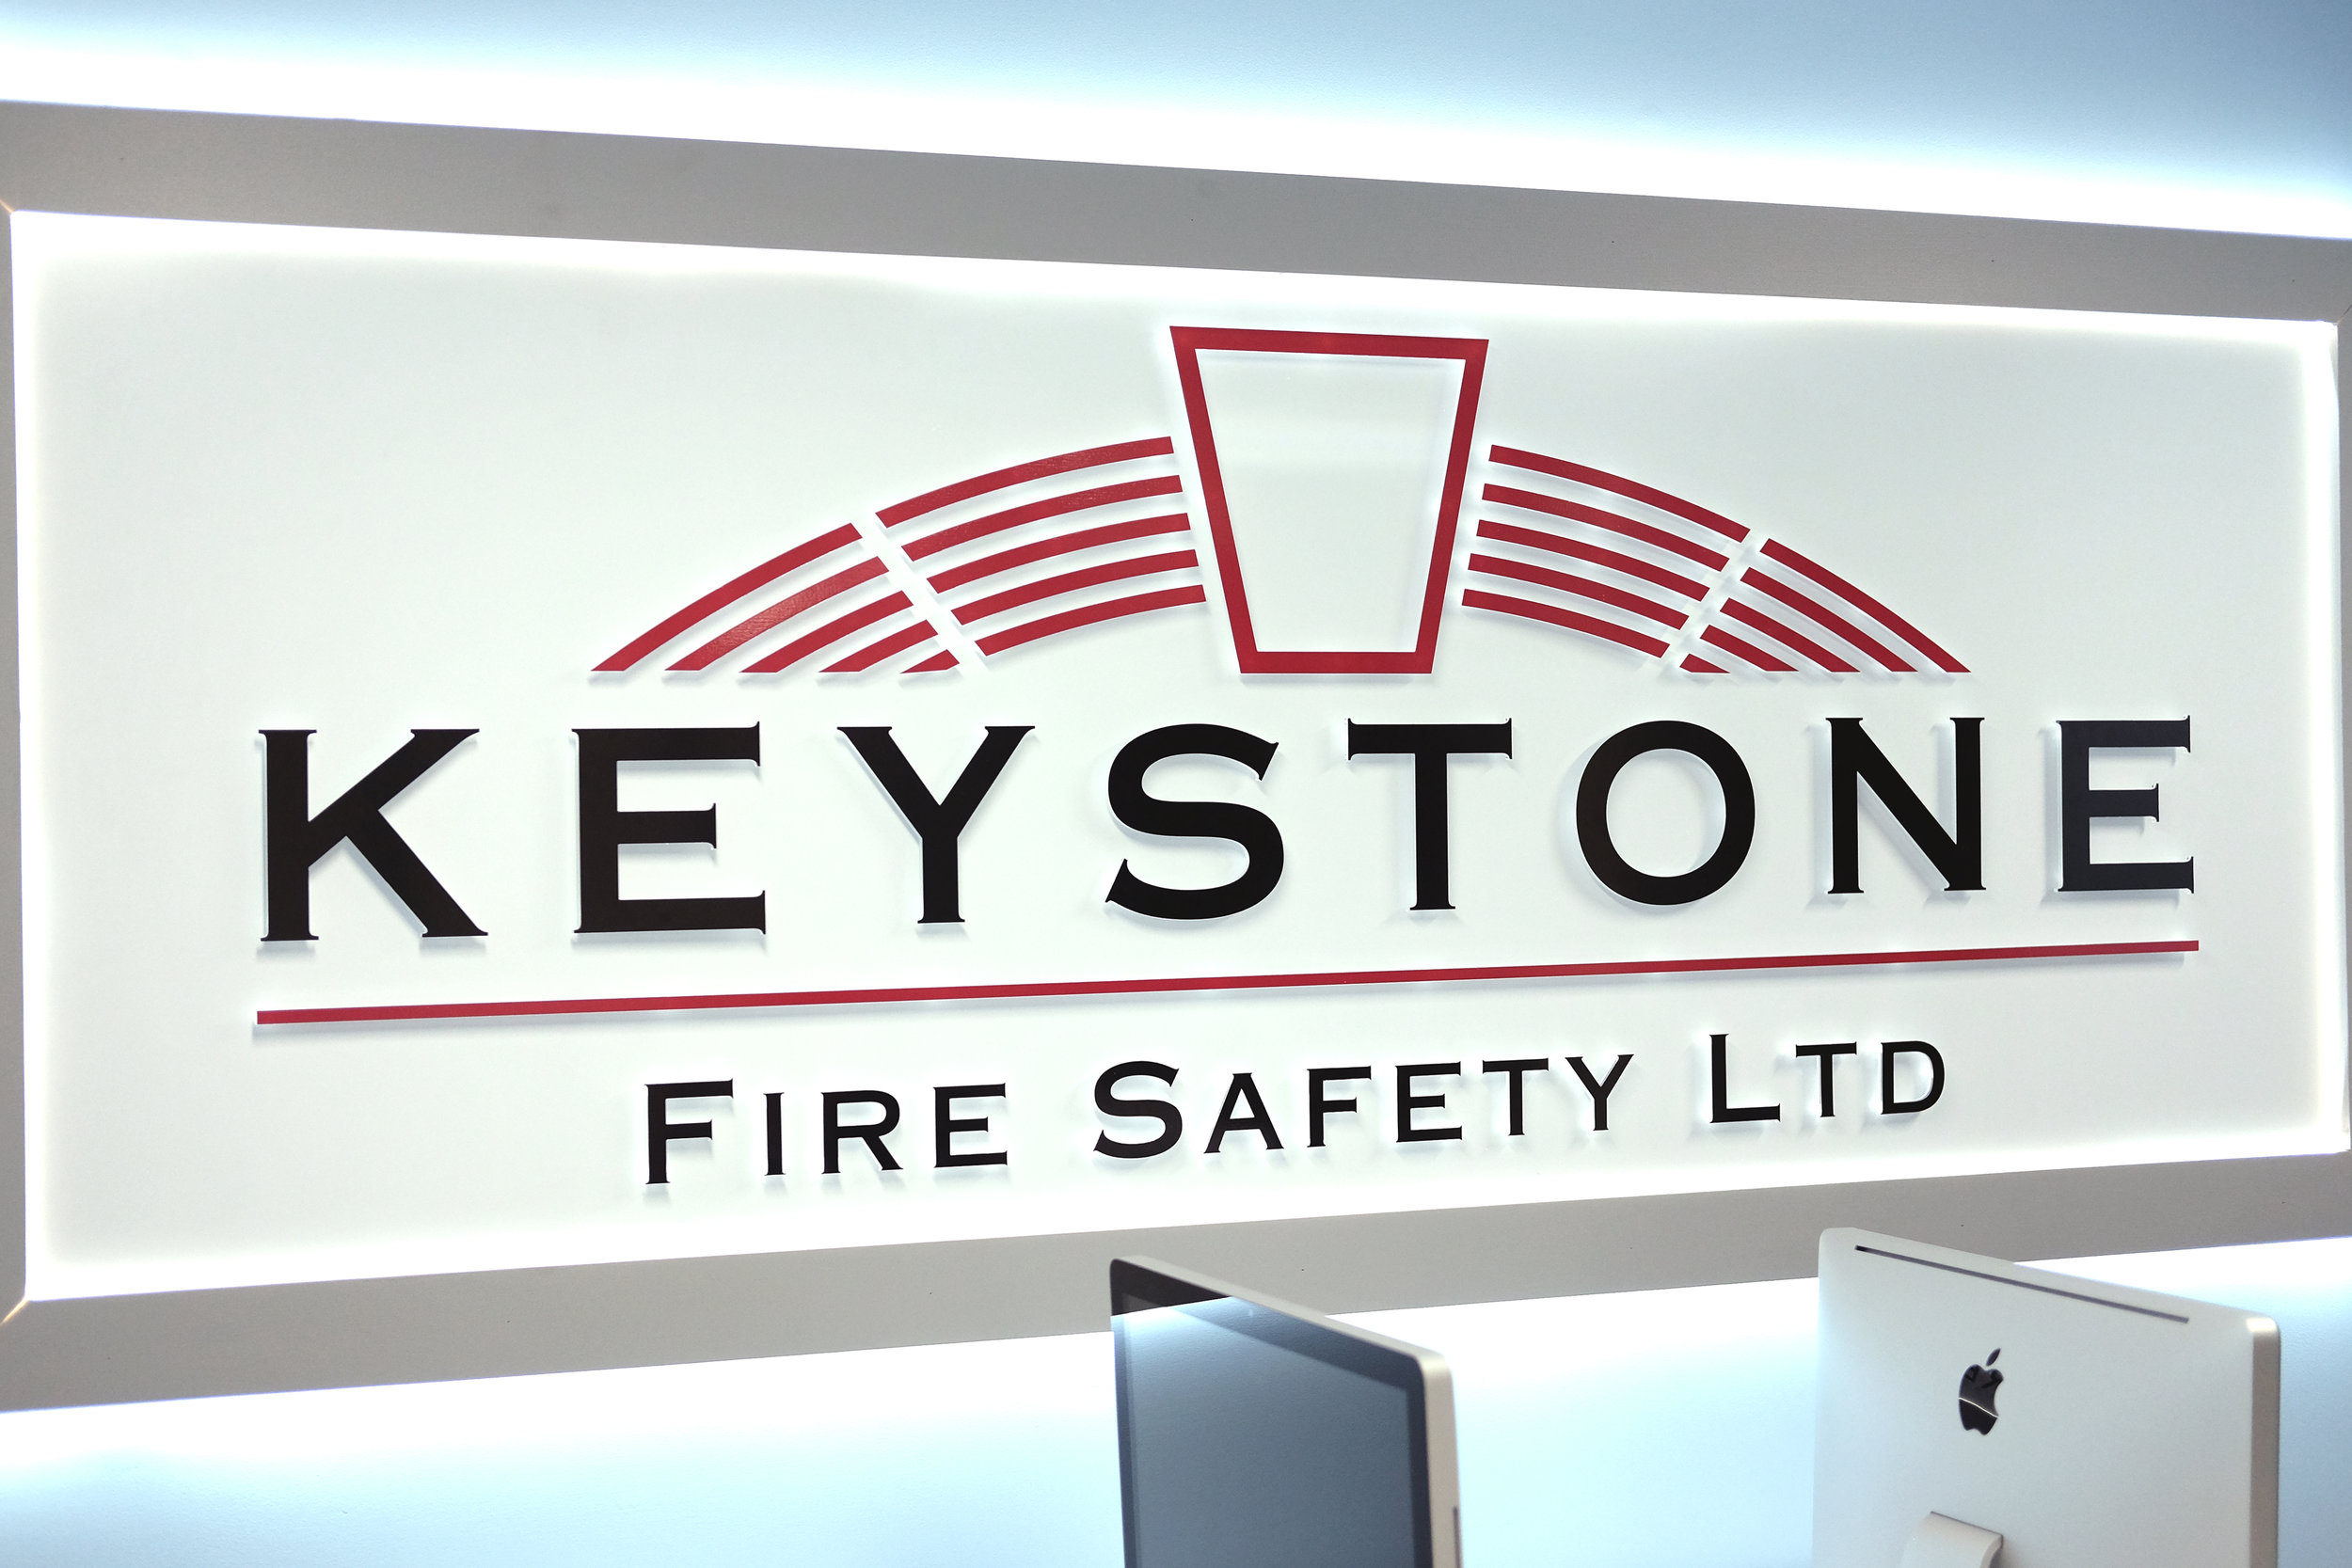 Keystone-head-office-bedford.jpg